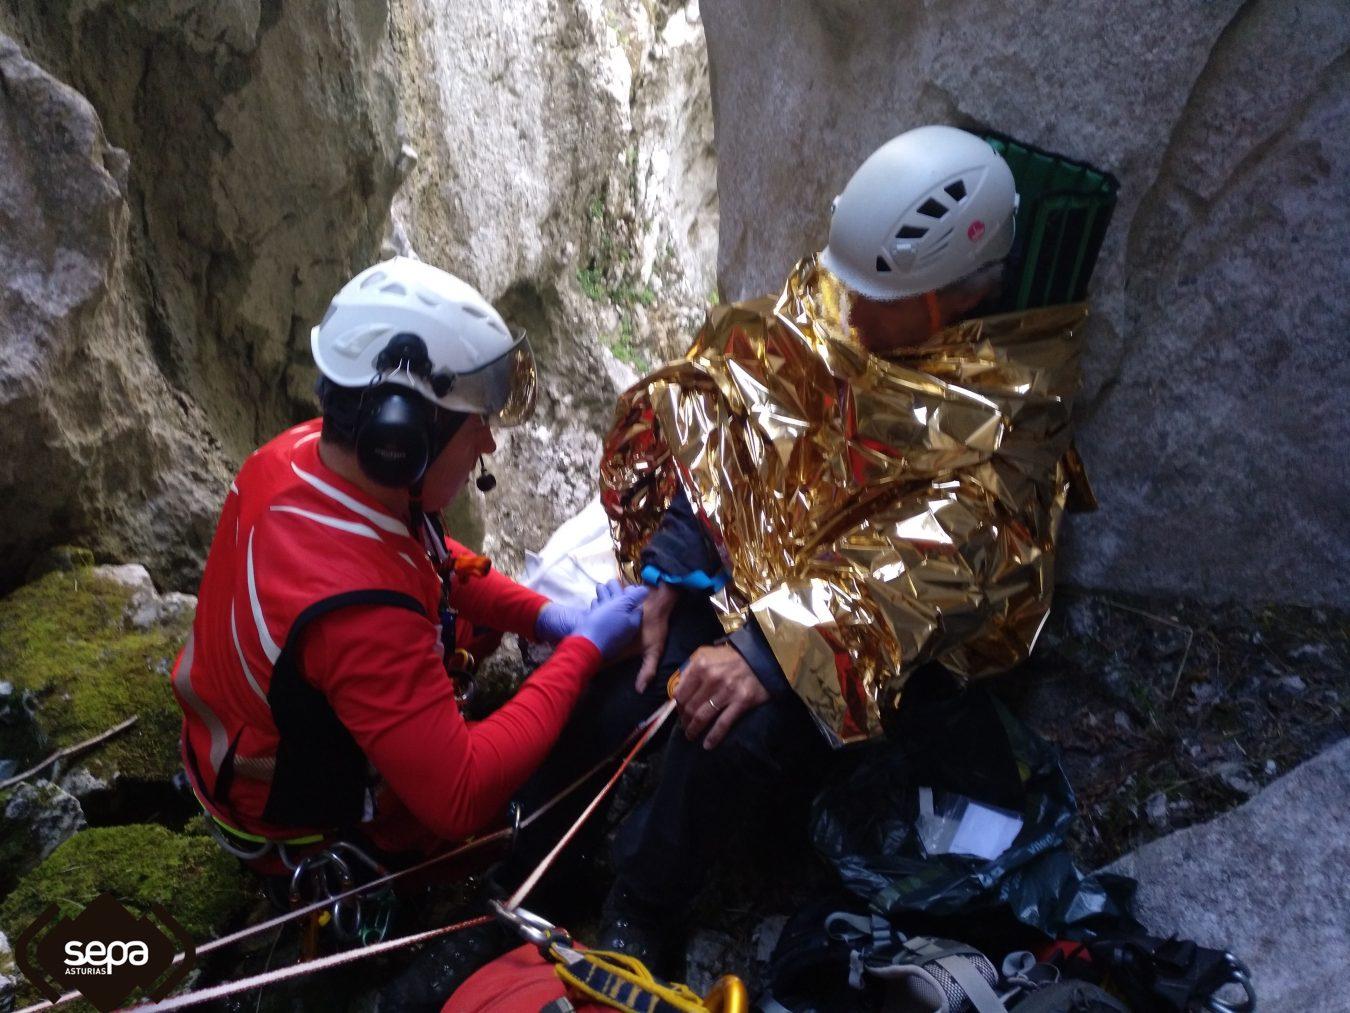 Rescatado un montañero holandés que se precipitó por una grieta en los Picos de Europa